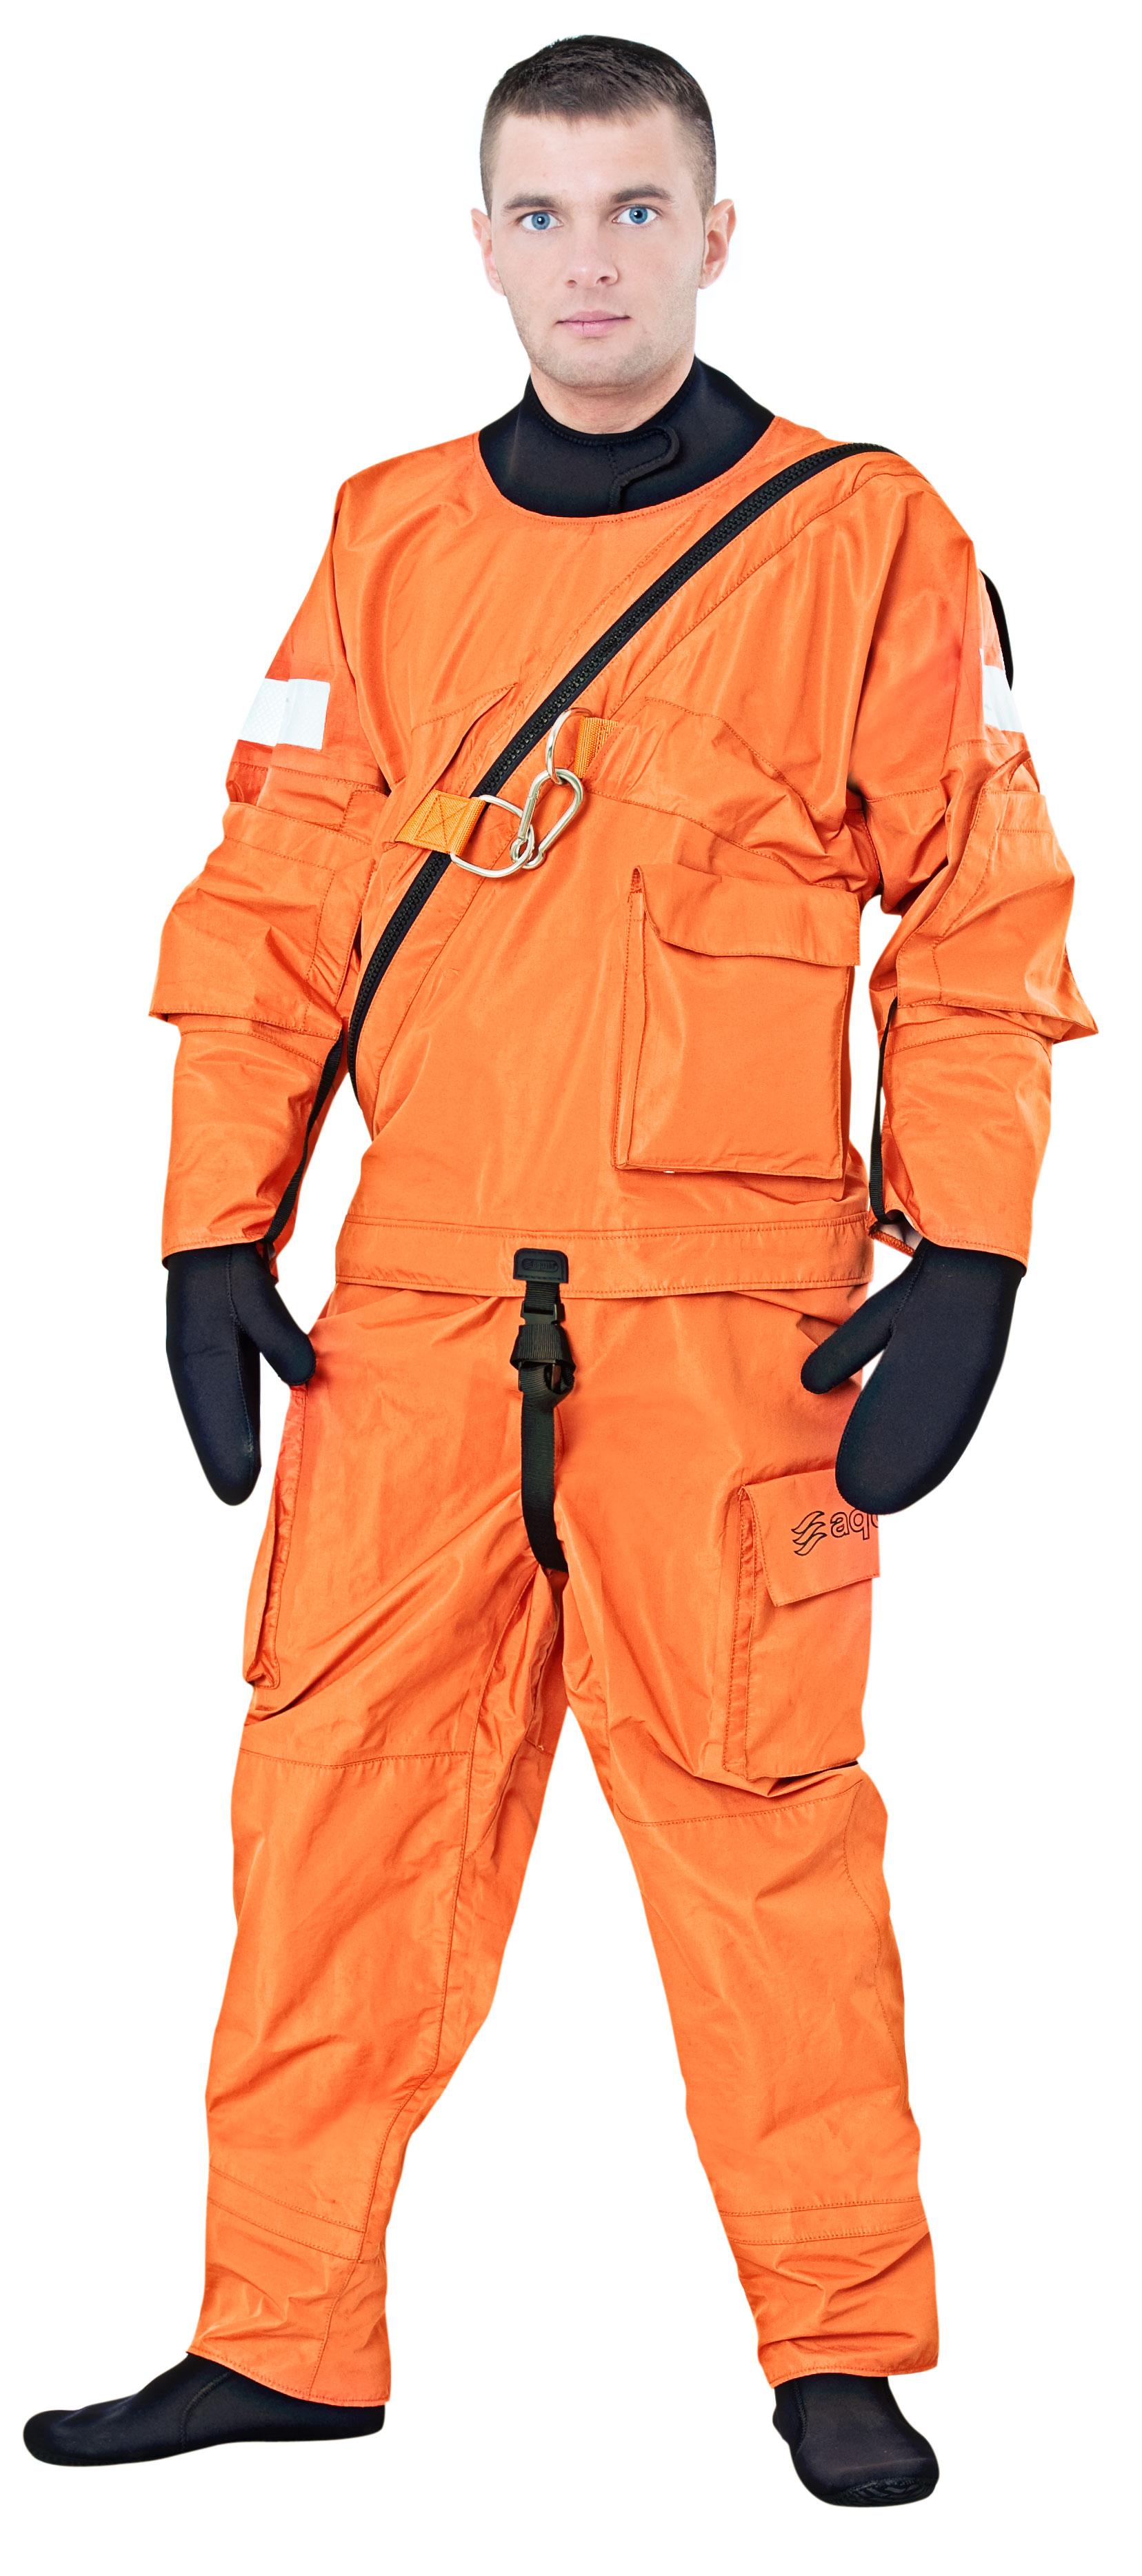 Schutzanzug  Arbeits und Transportanzug   SOLAS   1 Stundenanzug   Modell GT 10